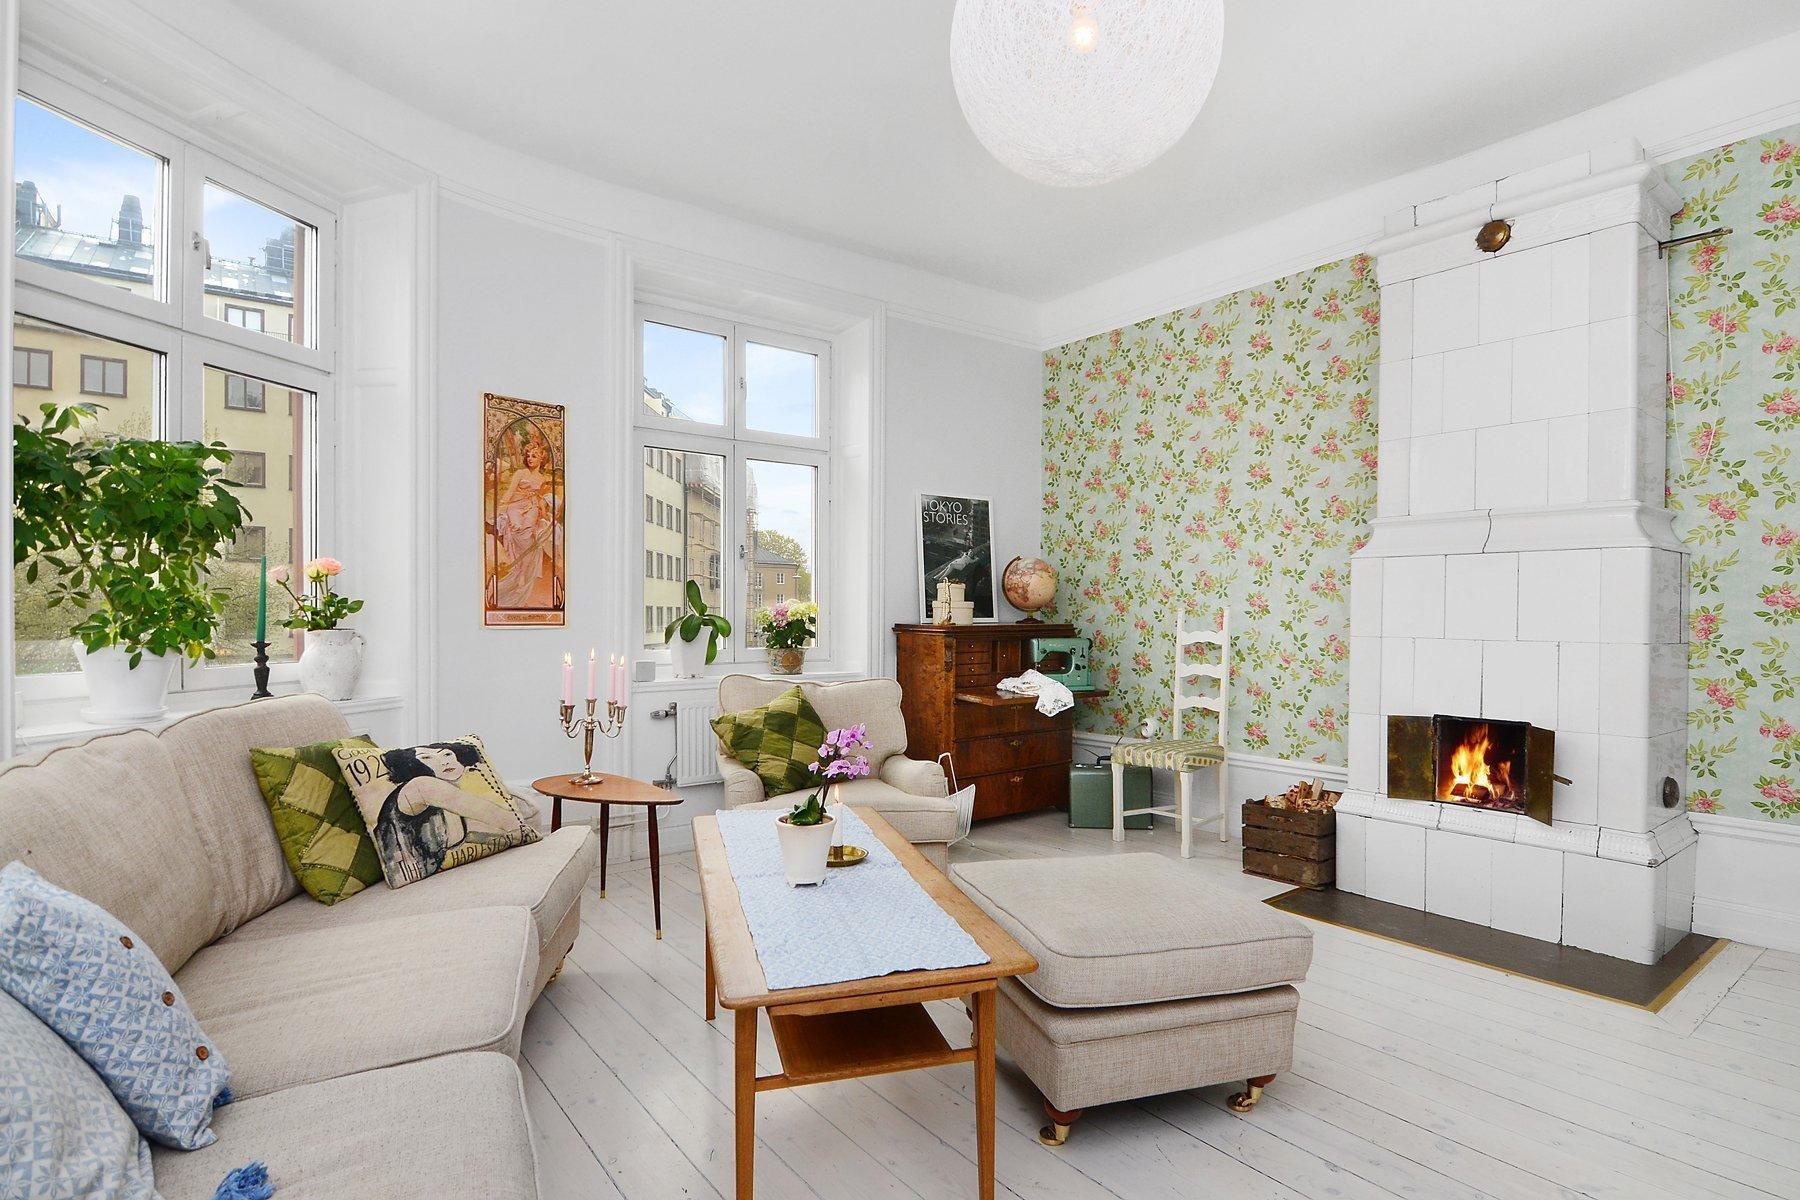 Как сделать интерьер дома более стильным и уютным [5 практических советов]